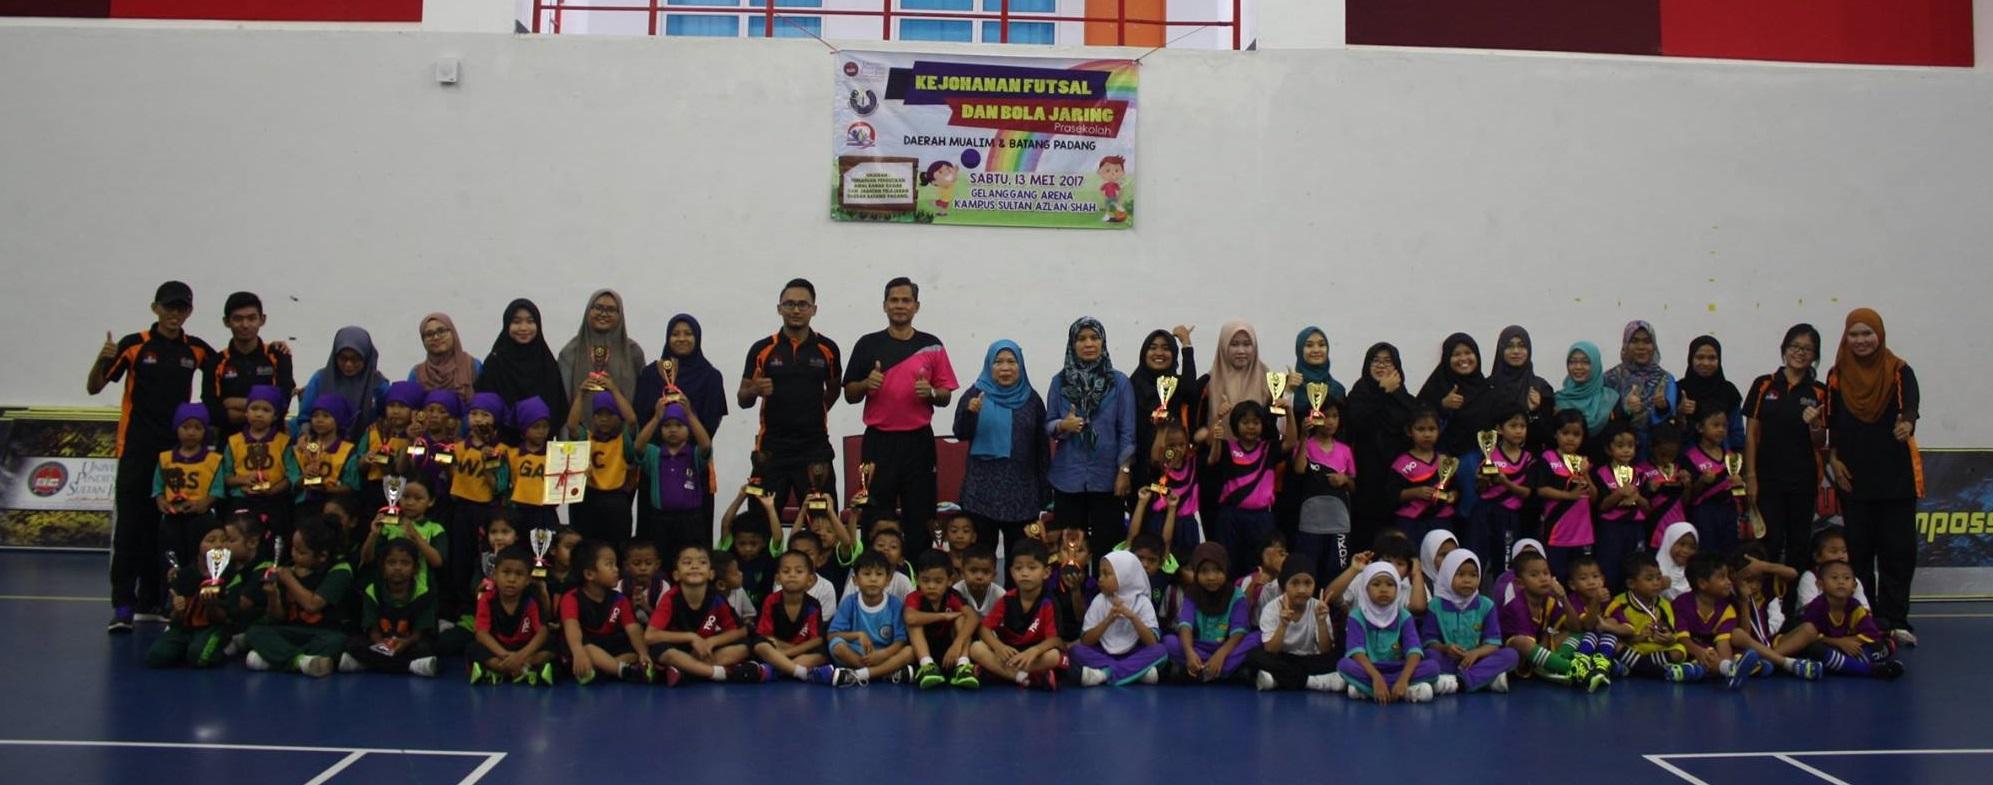 PPAKK julung kali anjur Kejohanan Futsal Dan Bola Jaring Prasekolah